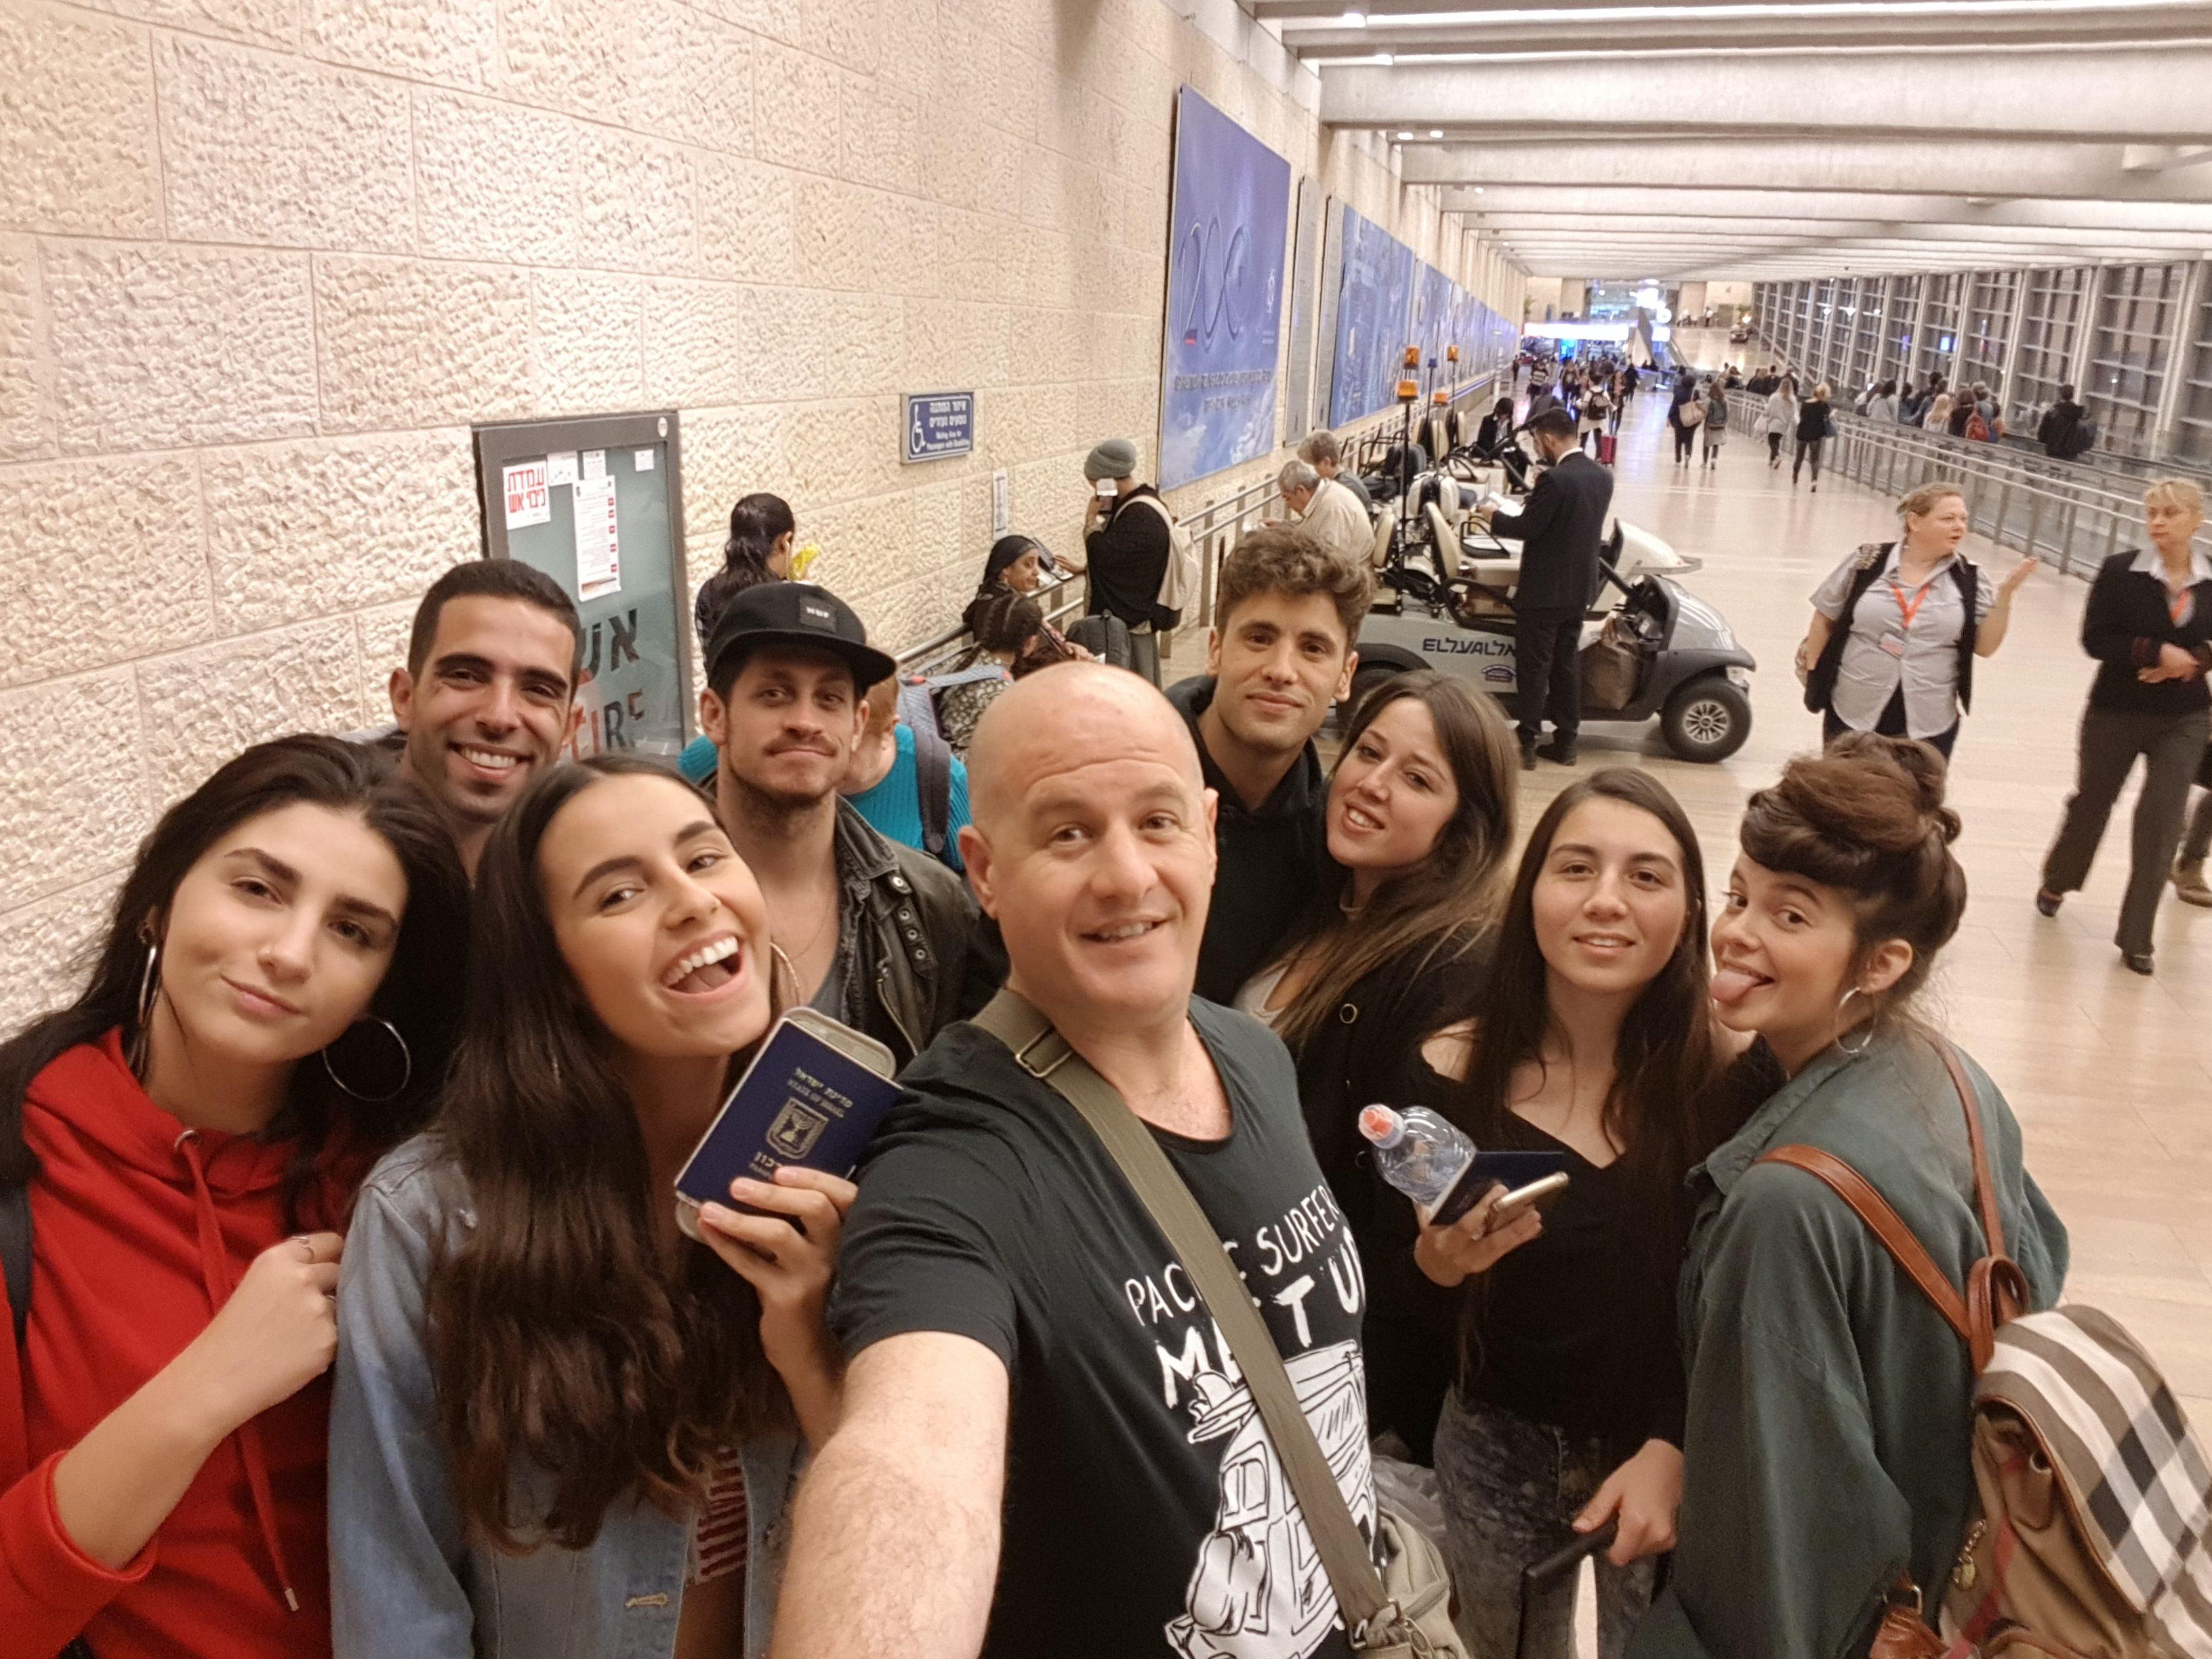 קבוצת נוער שכונת התקווה ייצגה את ישראל בפסטיבל בינלאומי בגרמניה